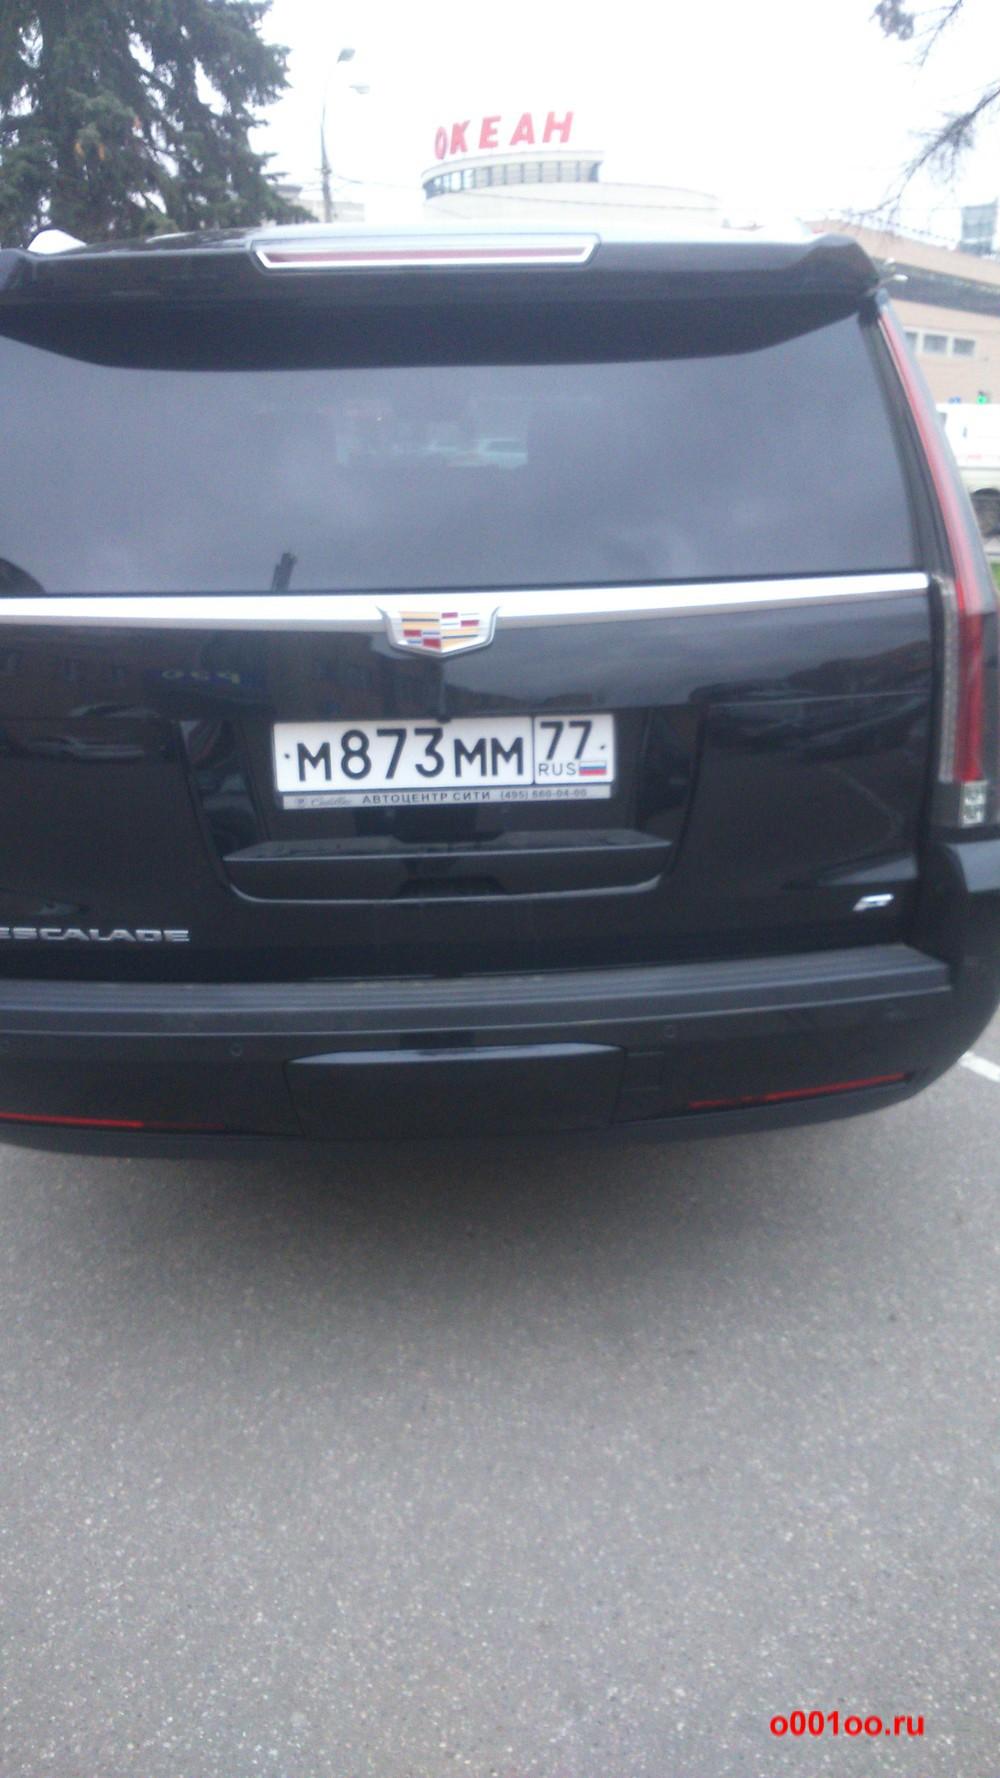 м873мм77